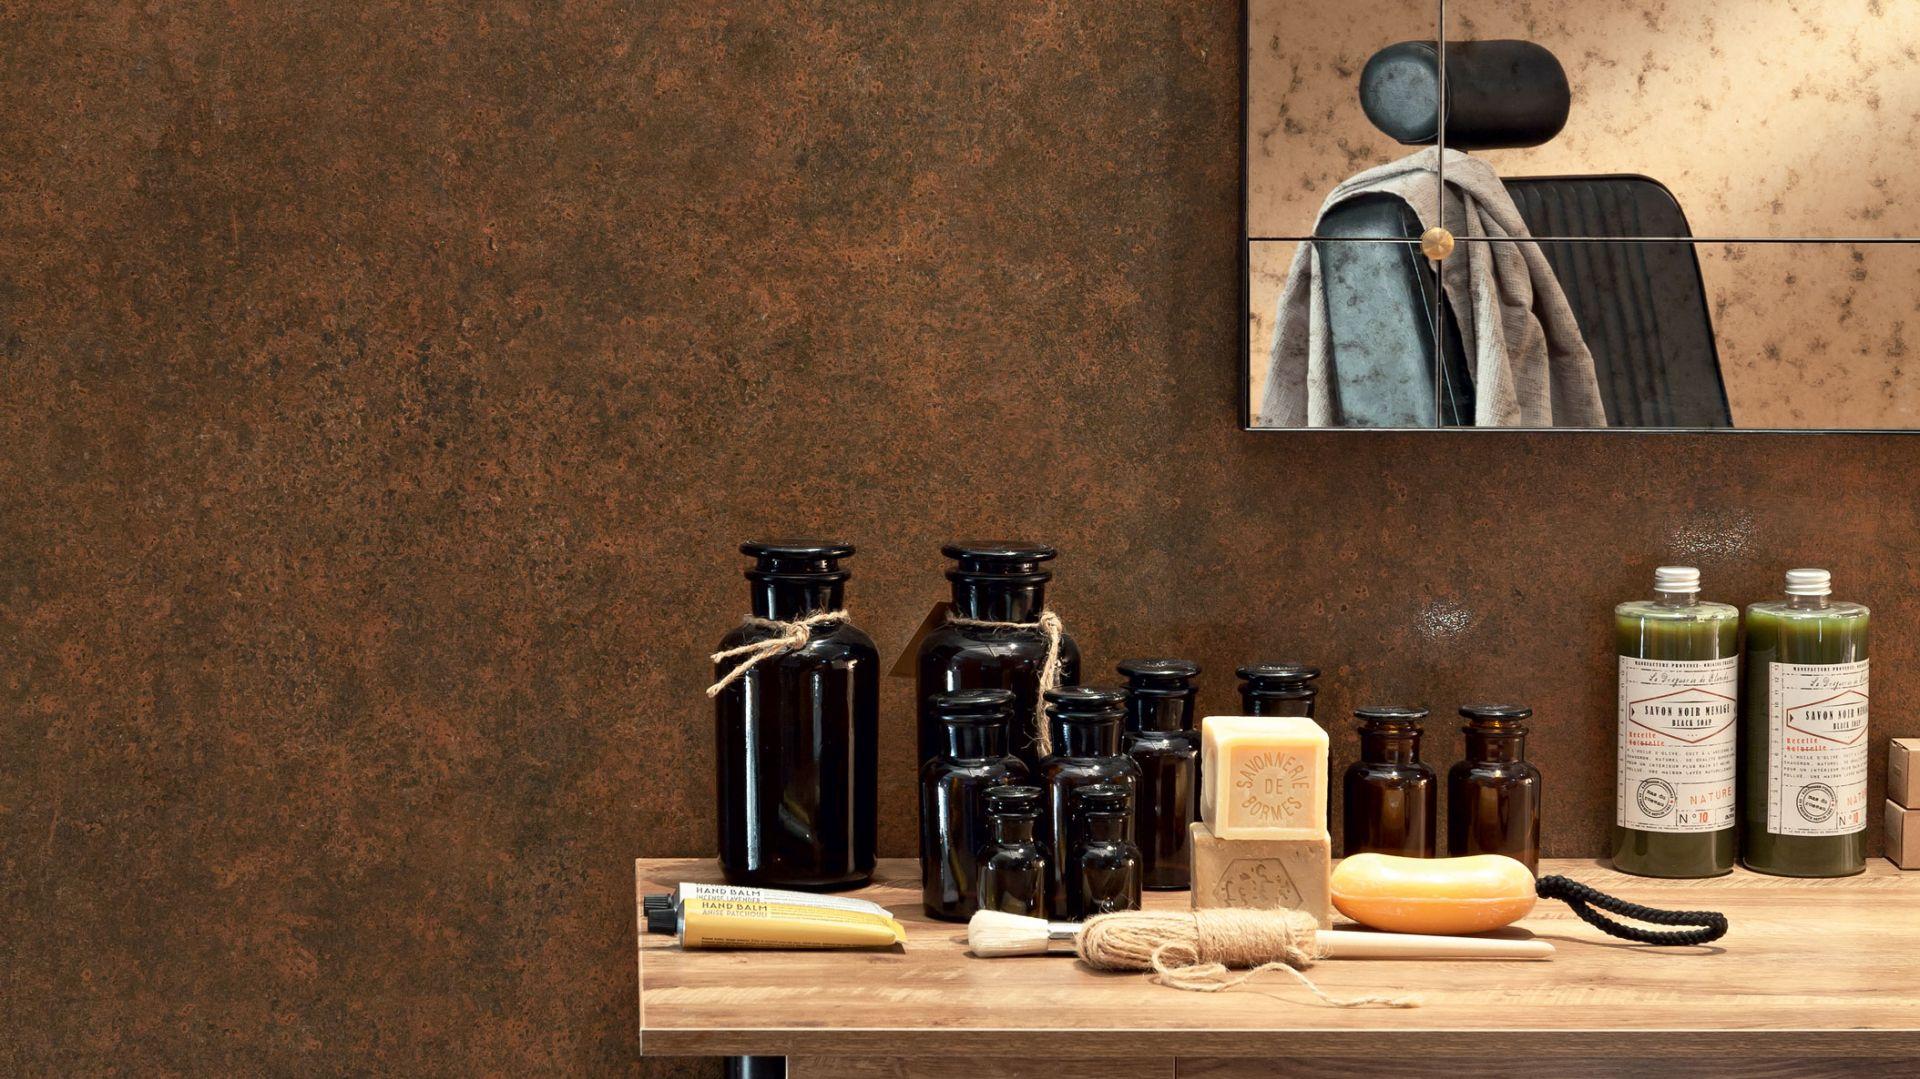 Płytki ceramiczne jak rdzawa blacha z kolekcji Rust Stain marki Monolith. Fot. Tubądzin